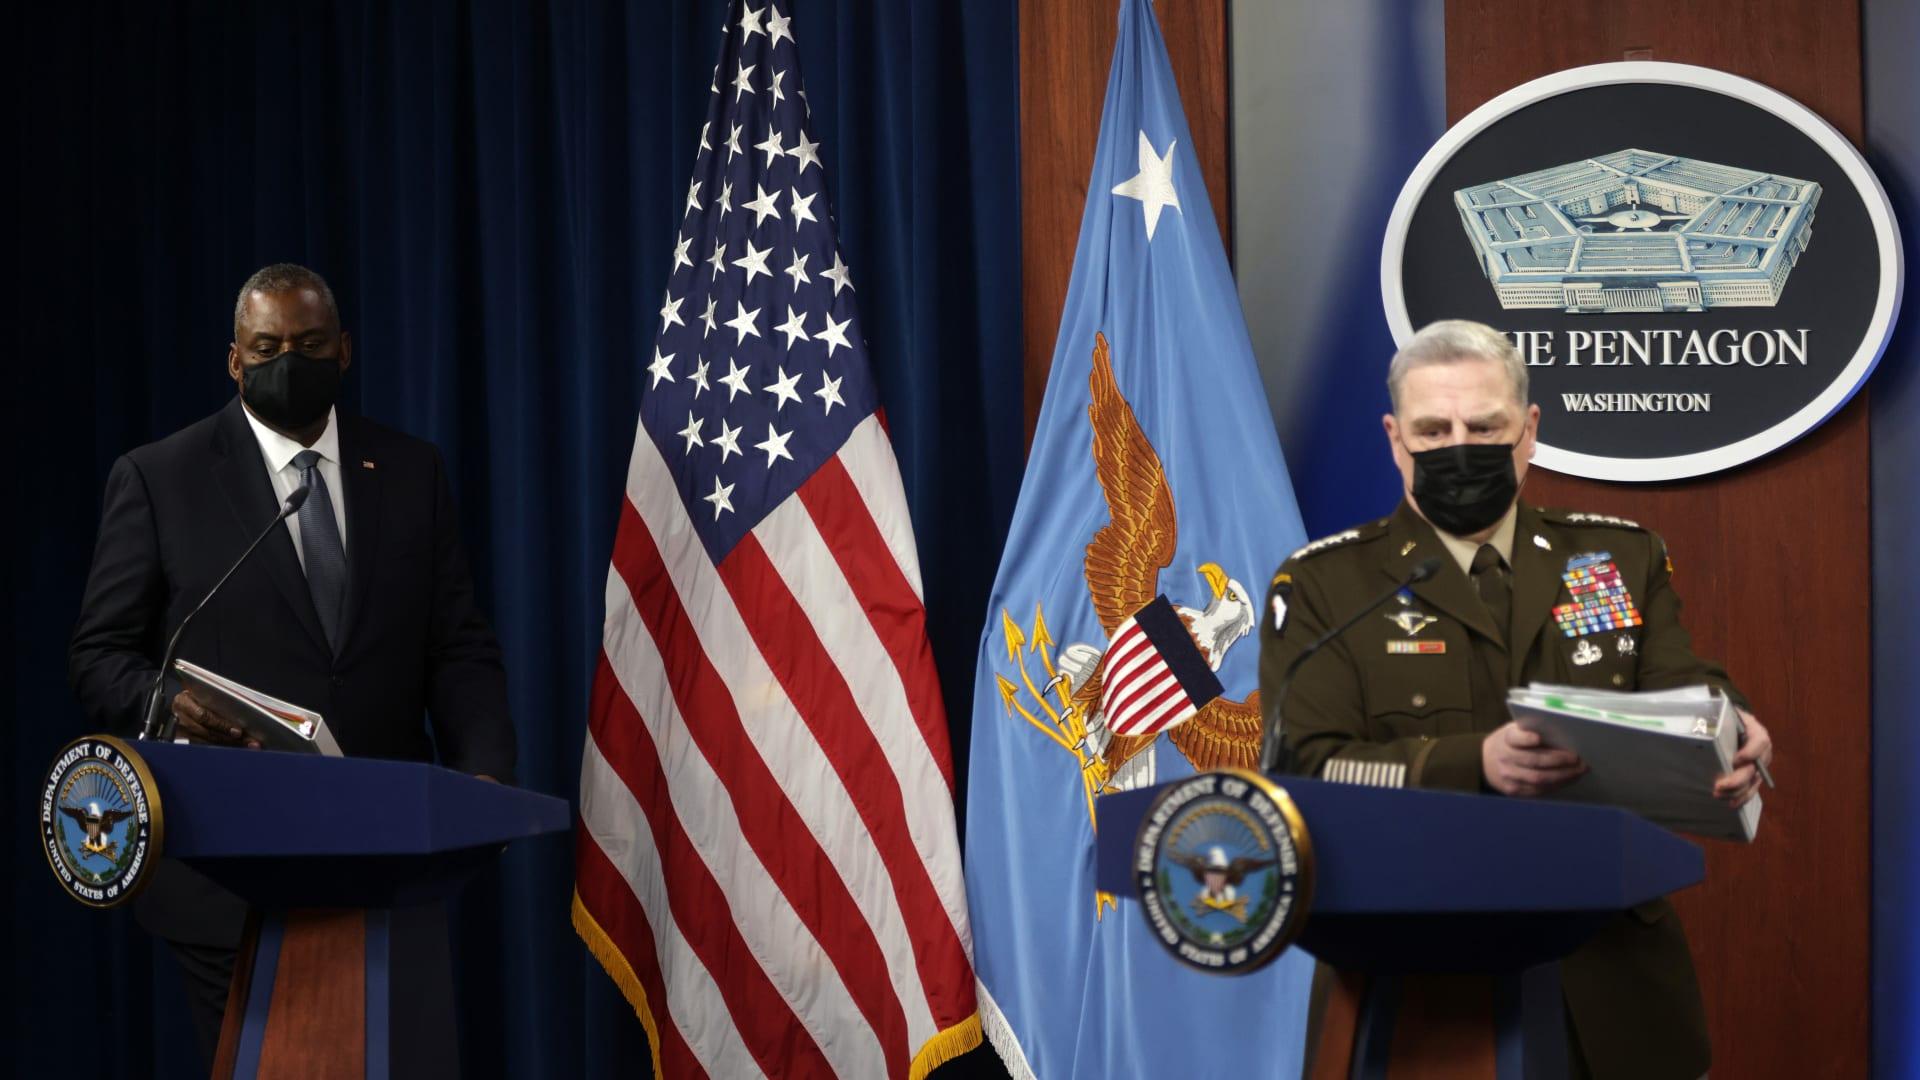 وزير الدفاع الأمريكي: قمنا بـ89 رحلة ونقلنا 12500 روح إلى الحرية يوم هجوم مطار كابول